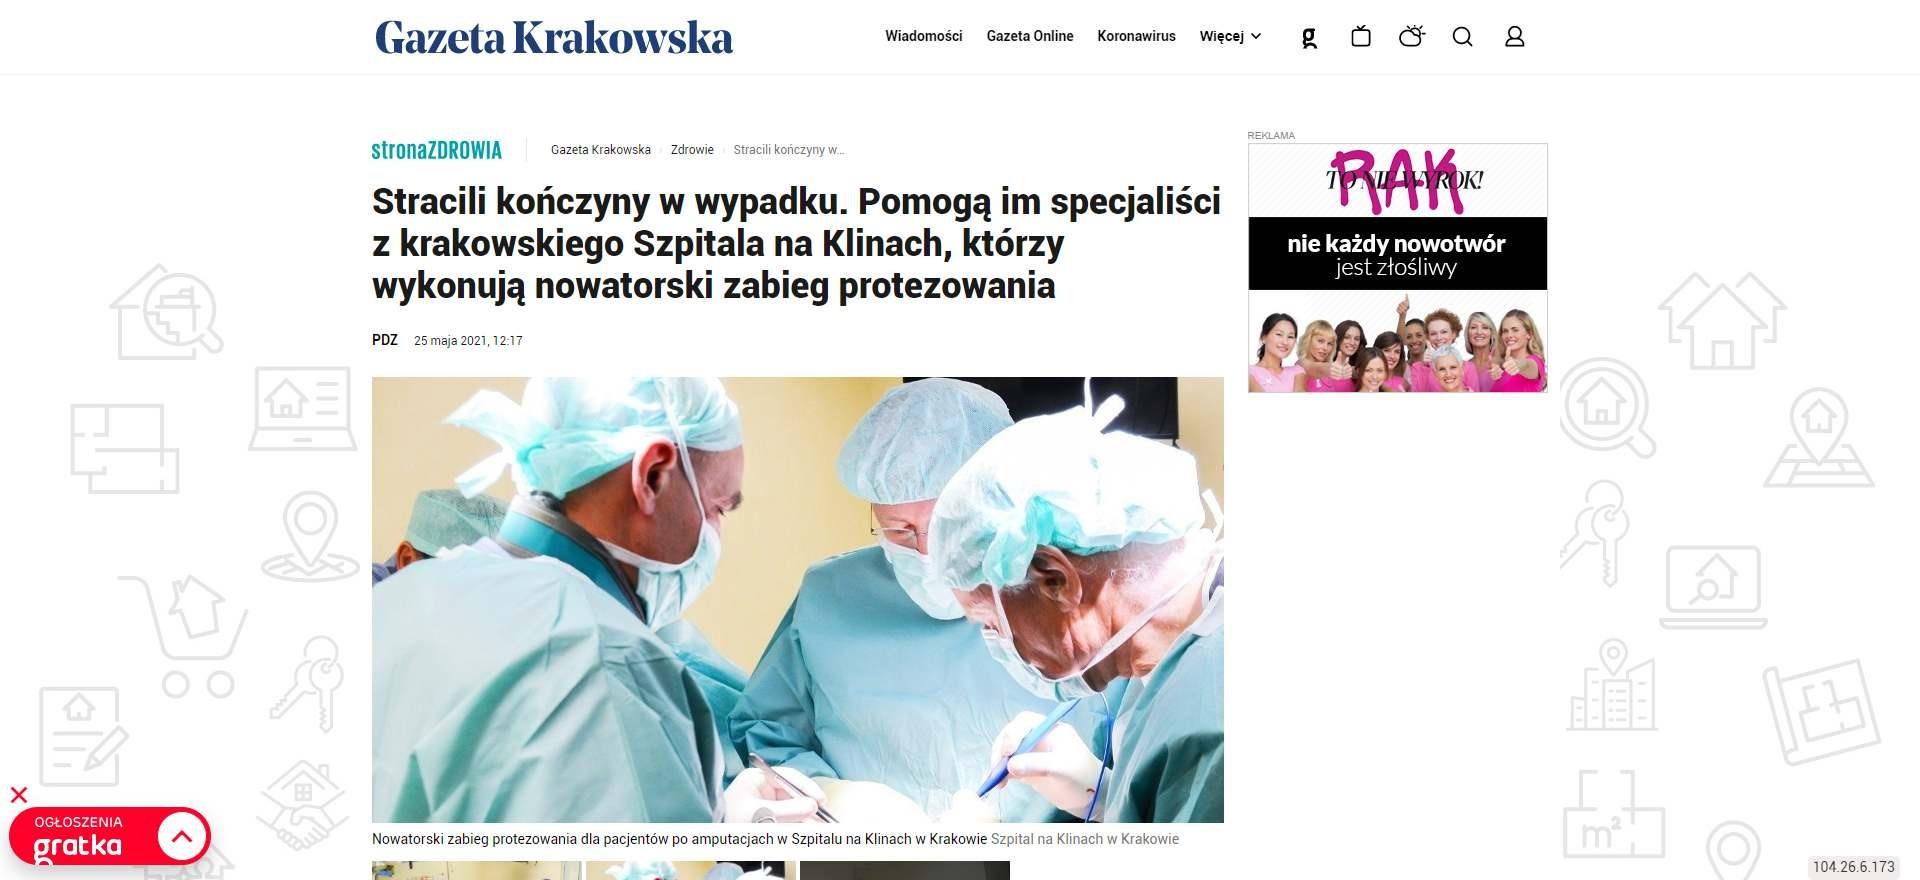 stracili konczyny w wypadku pomoga im specjalisci z krakowskiego szpitala na klinach ktorzy wykonuja nowatorski zabieg protezowania